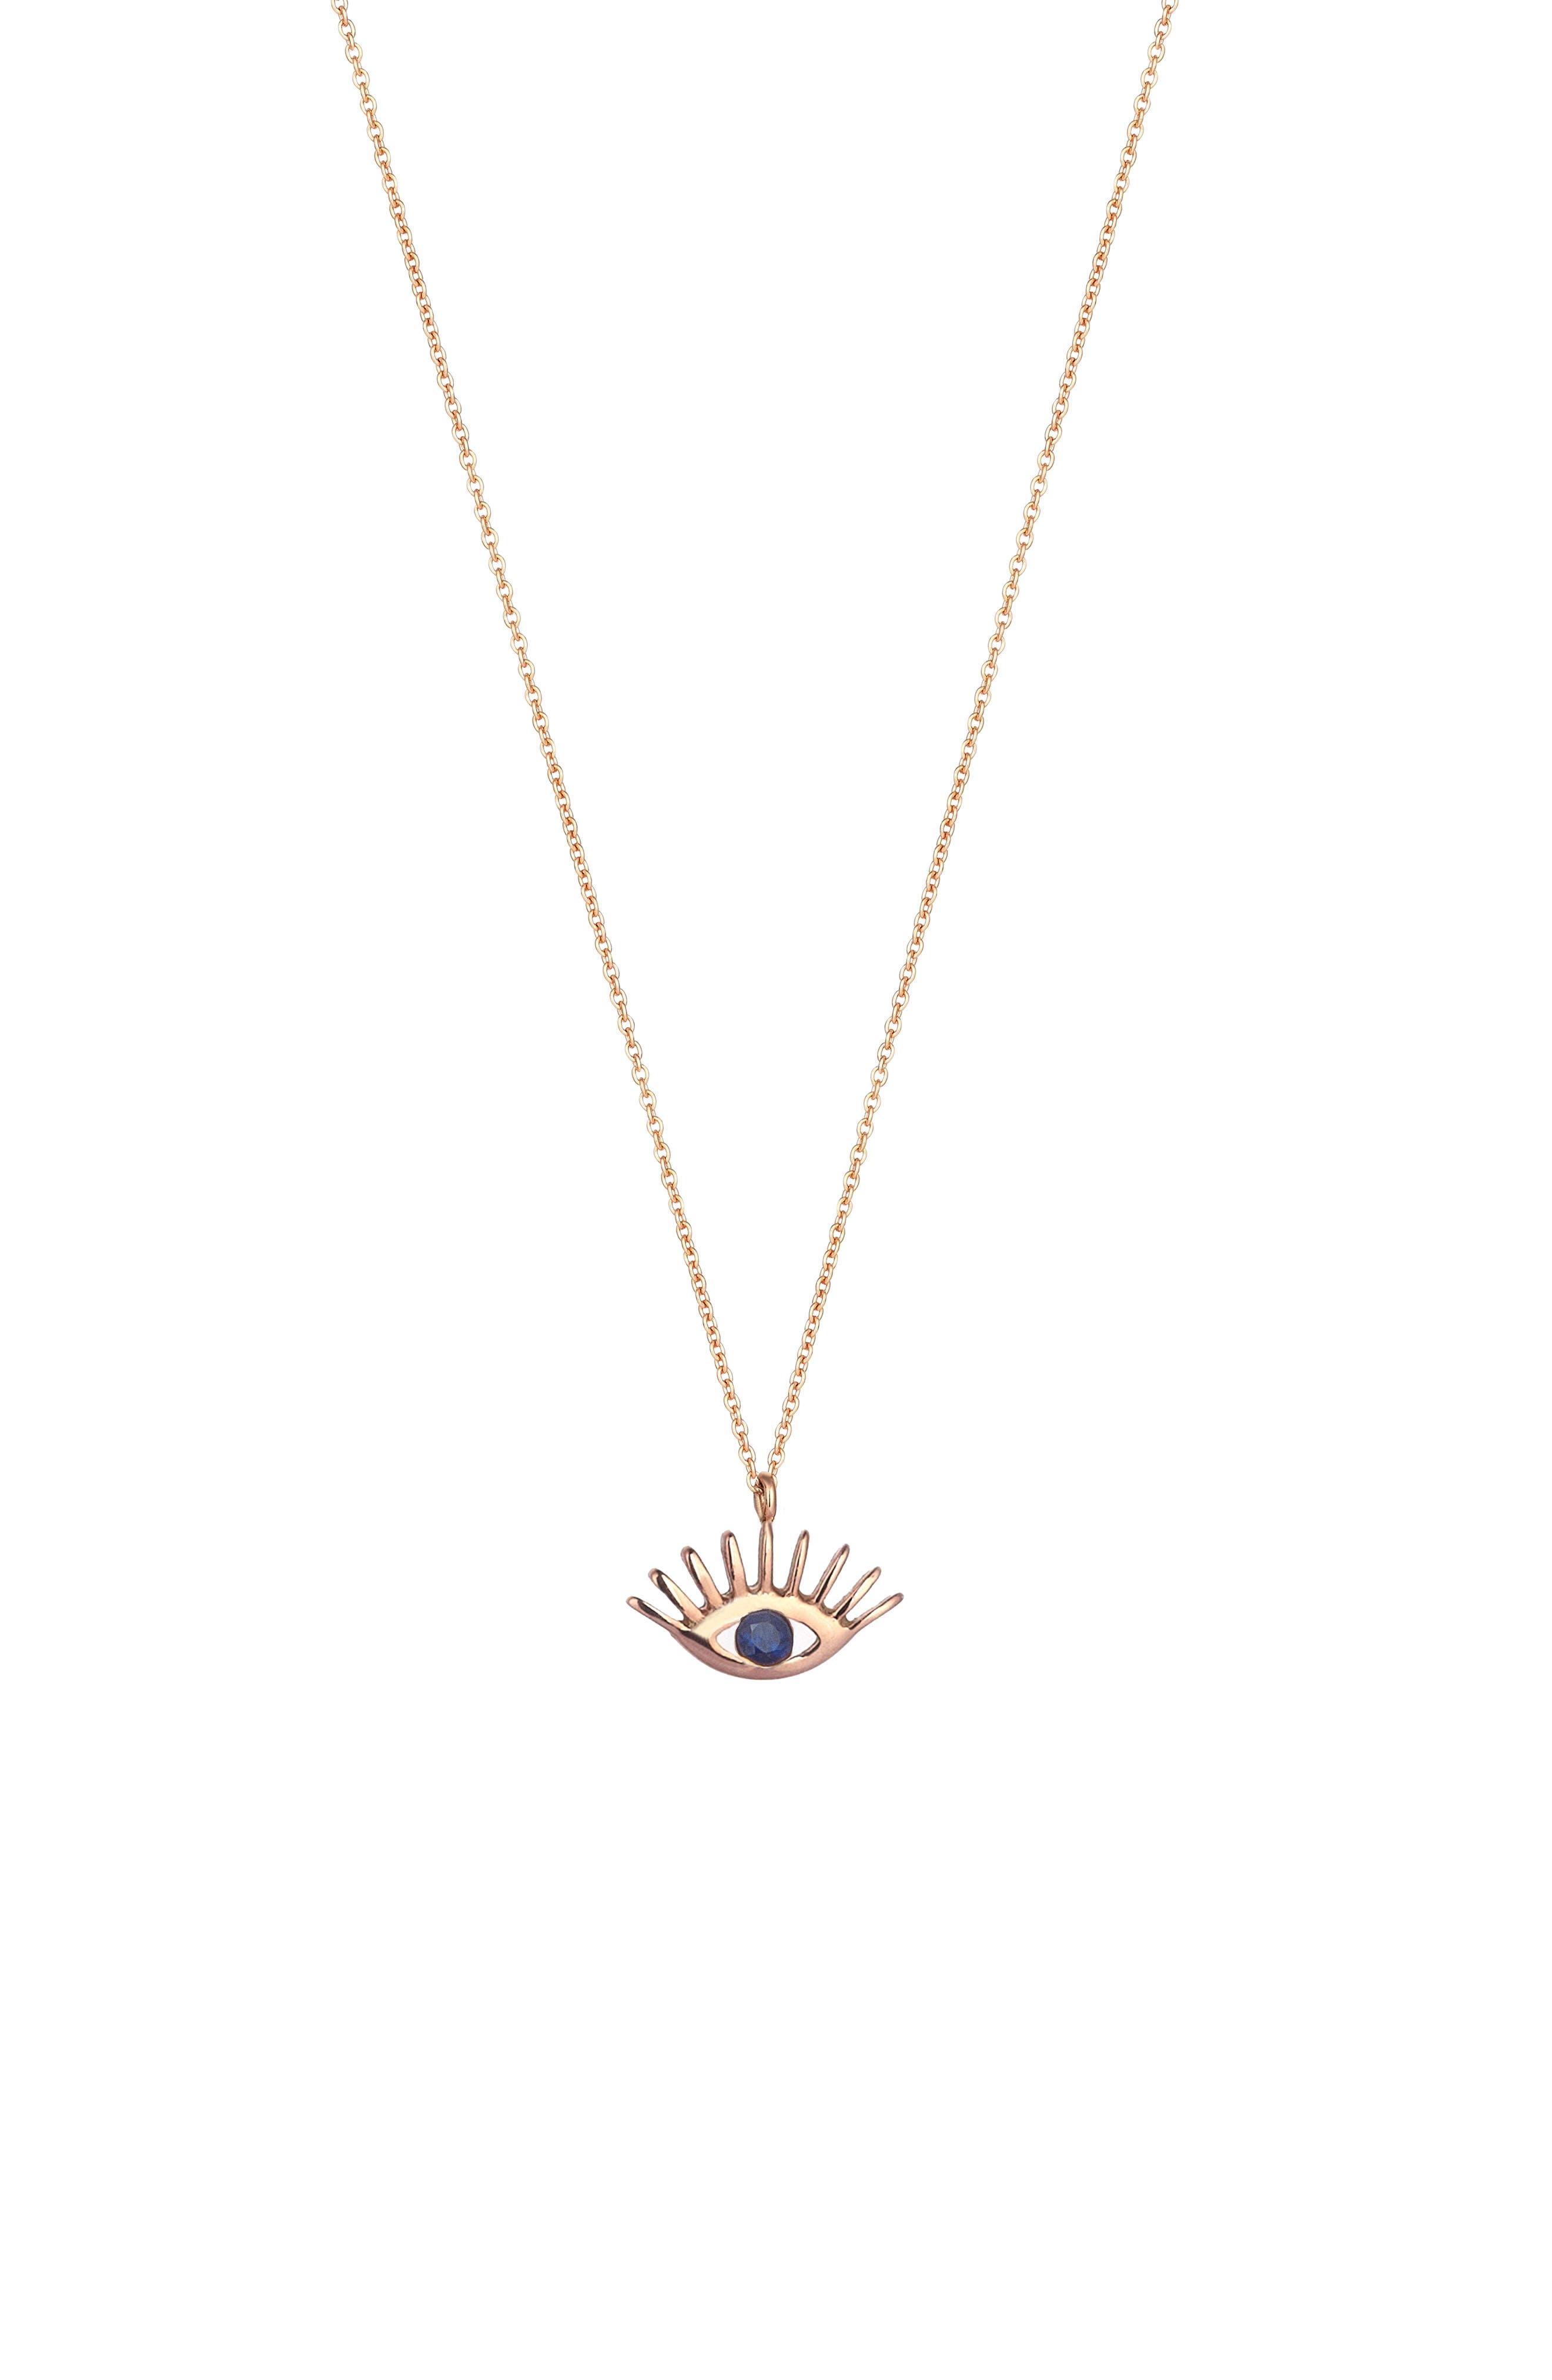 Sapphire Pendant Necklace,                         Main,                         color, Rose Gold